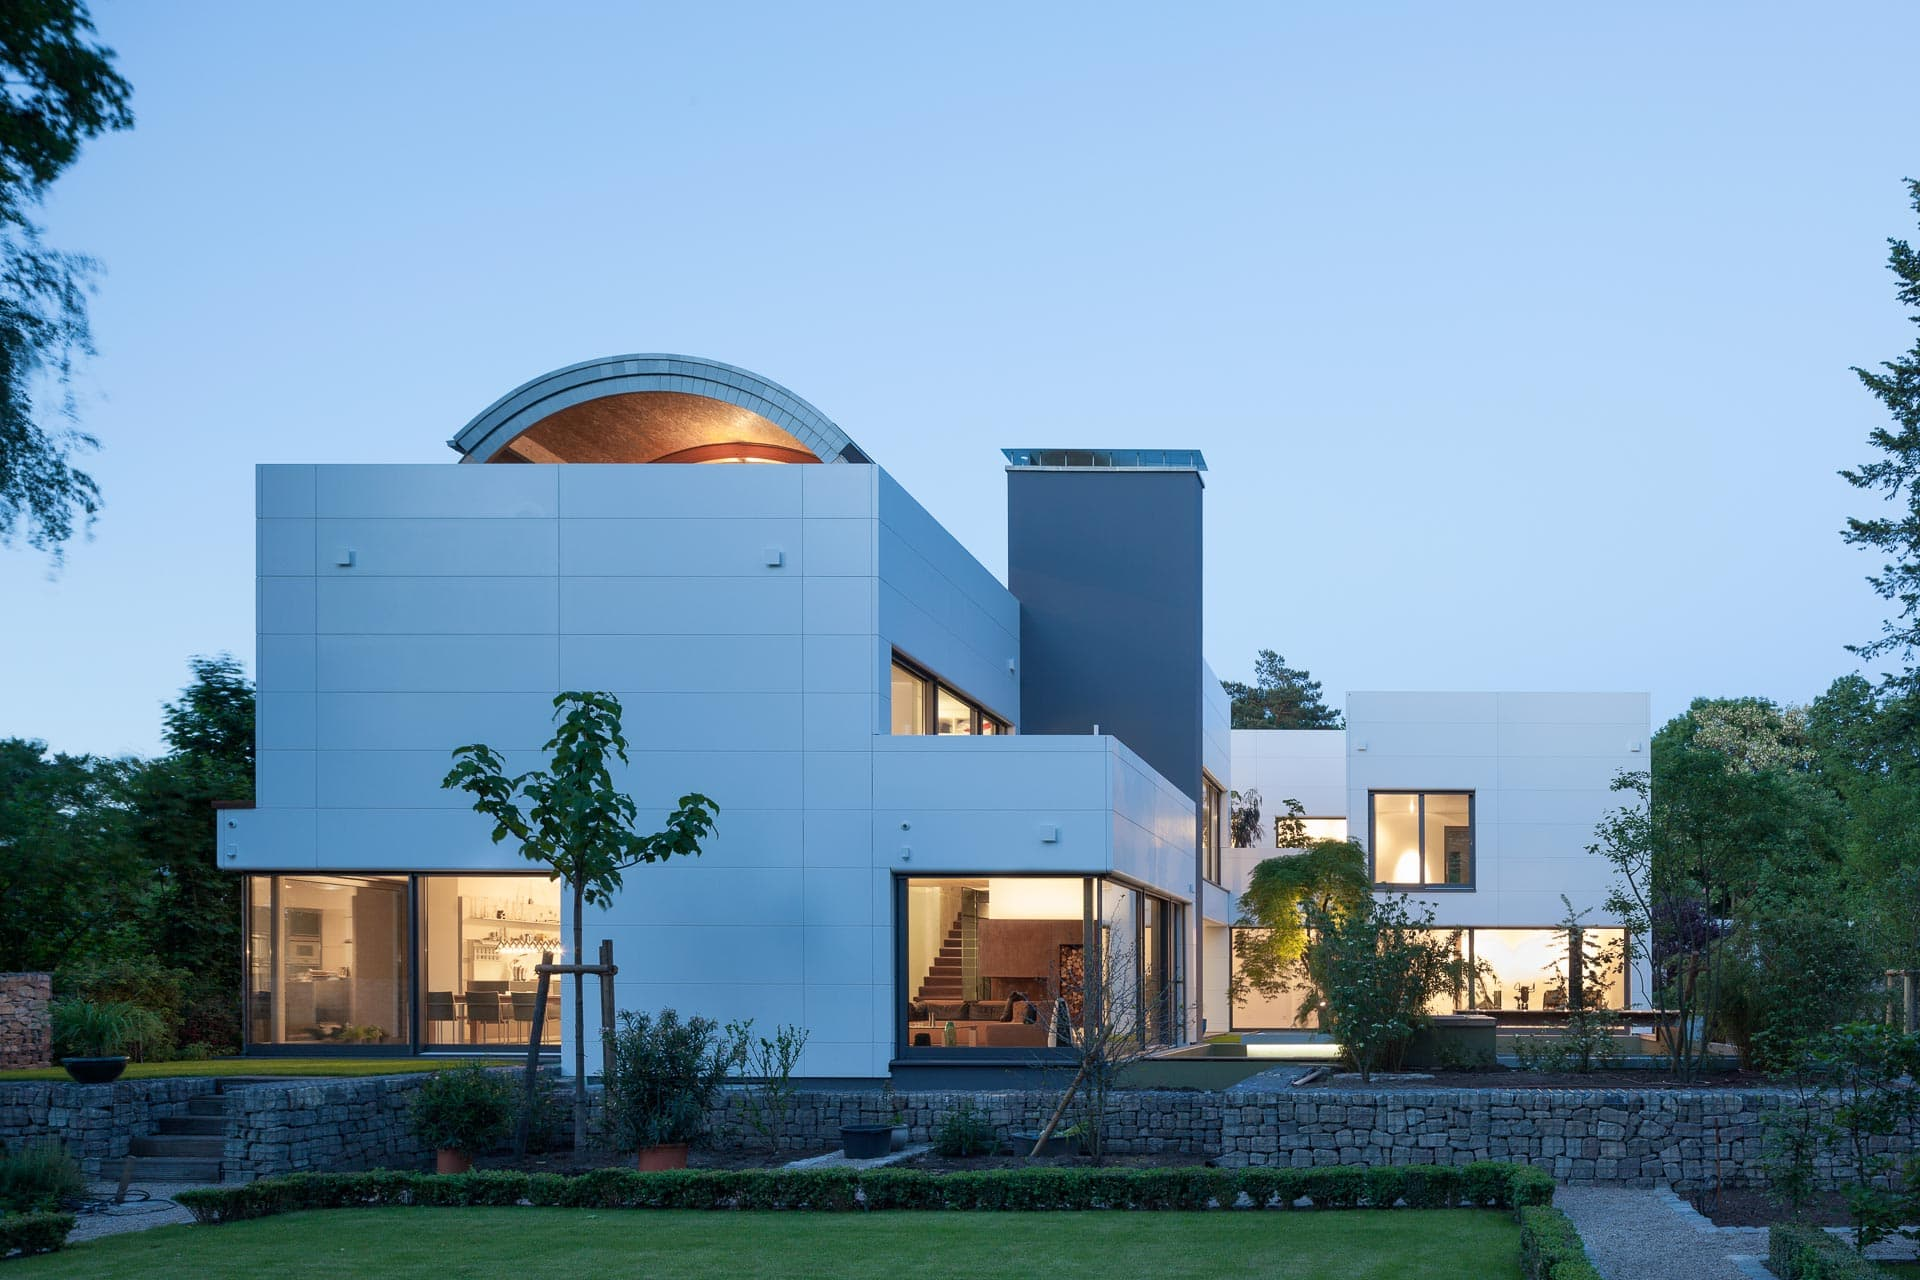 Blickfang Architektenhaus Kosten Ideen Von Villa Berlin, Volker Wiese